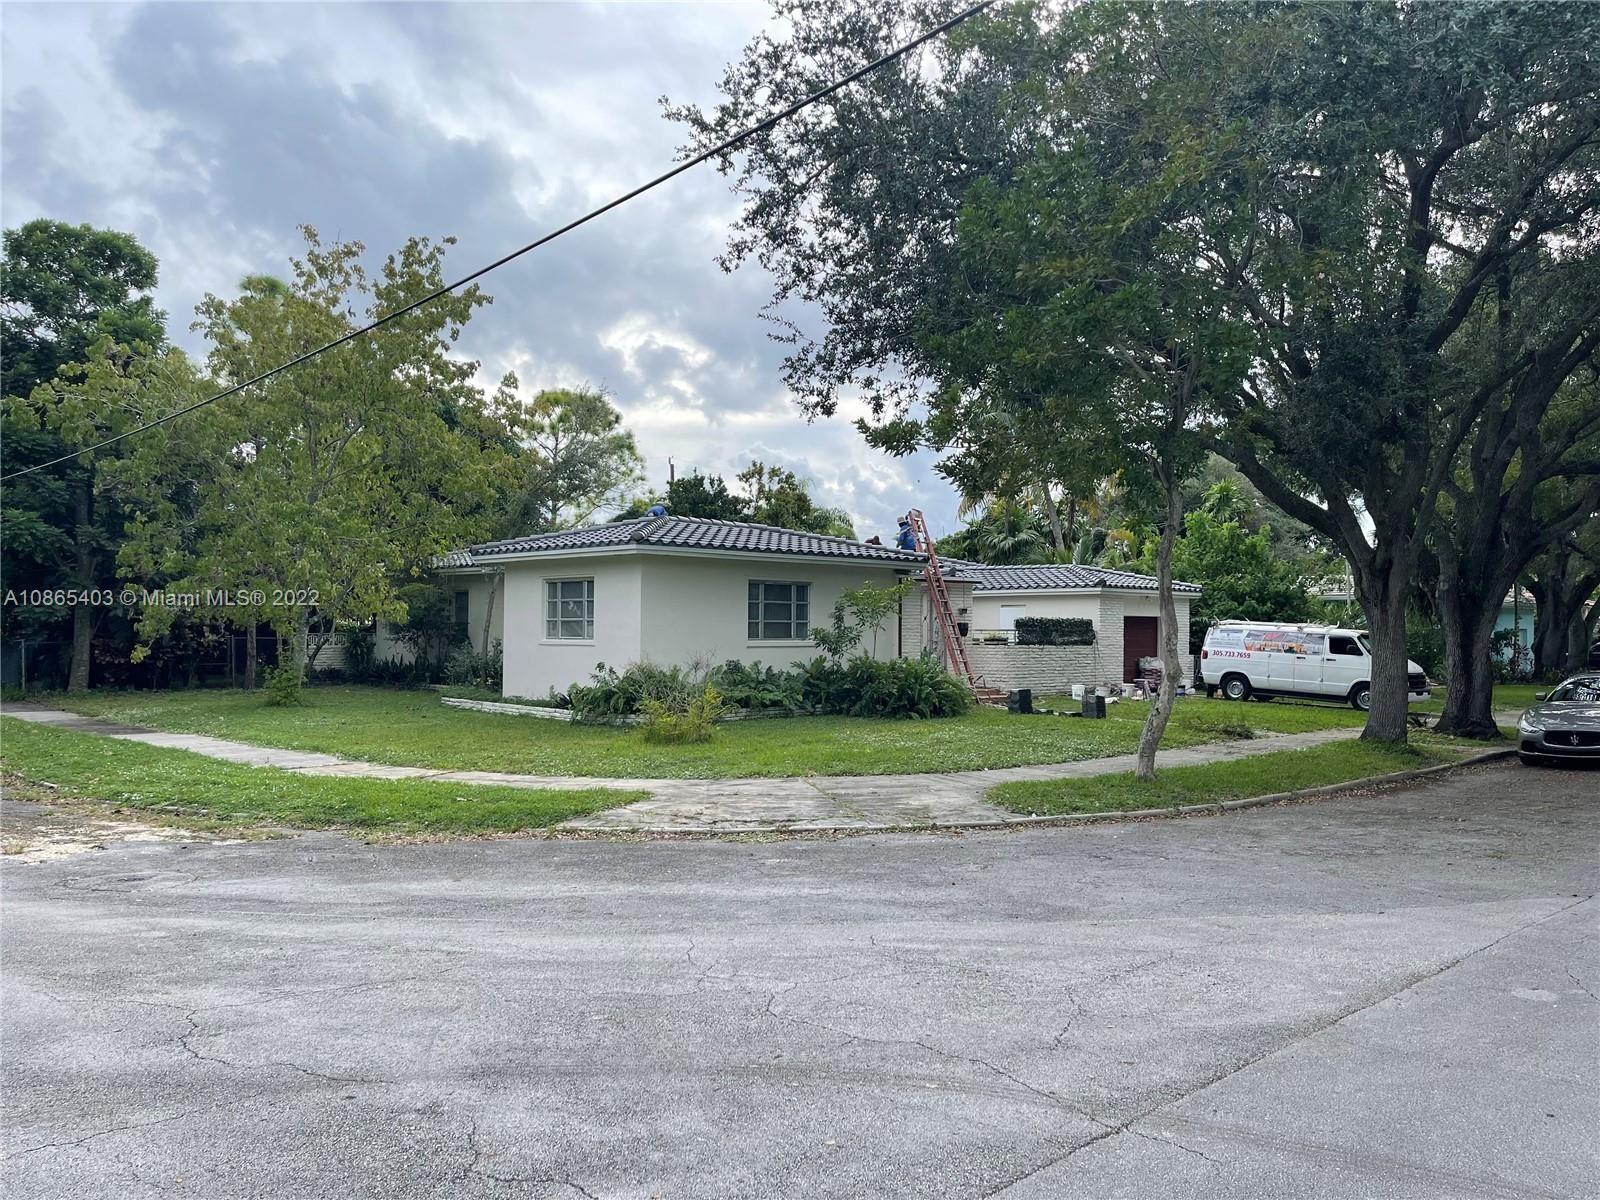 102 NW 105th St, Miami Shores, FL 33150 - #: A10865403